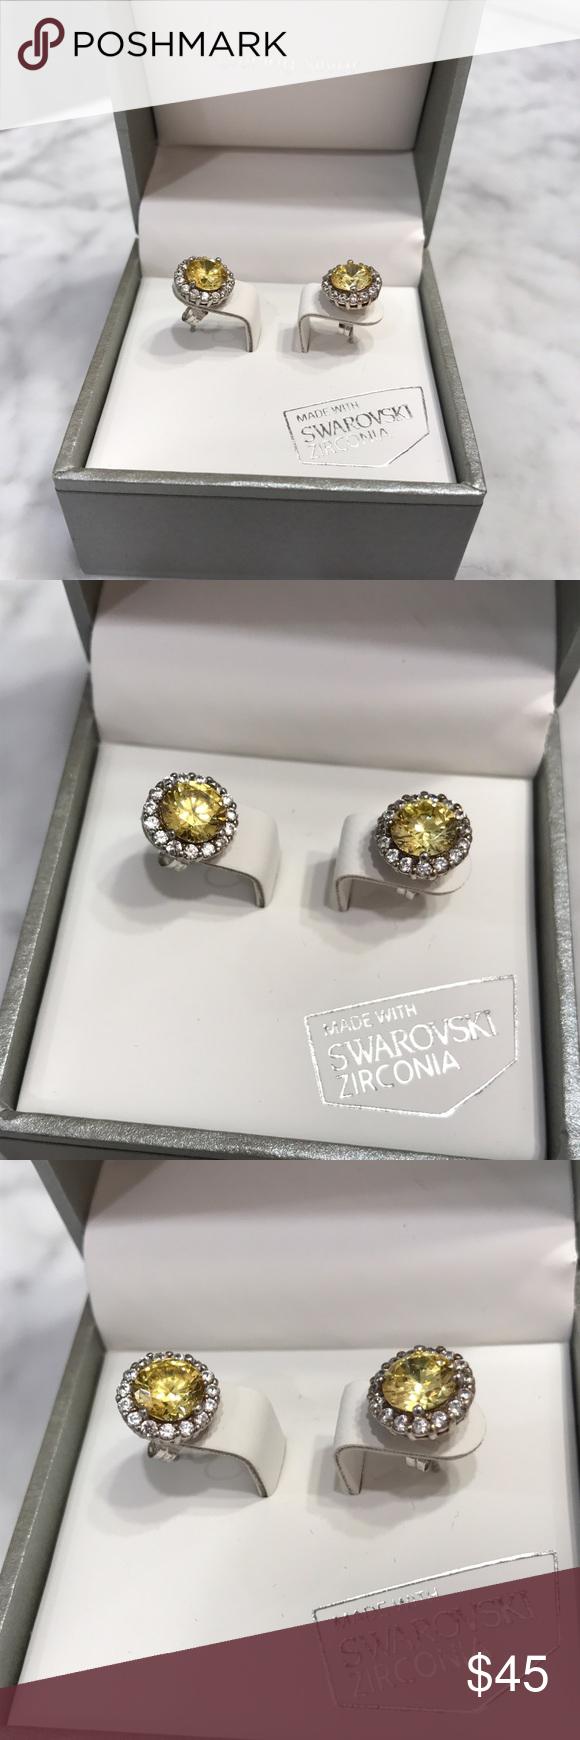 Kiera Couture Sterling Silver Swarovski Earrings